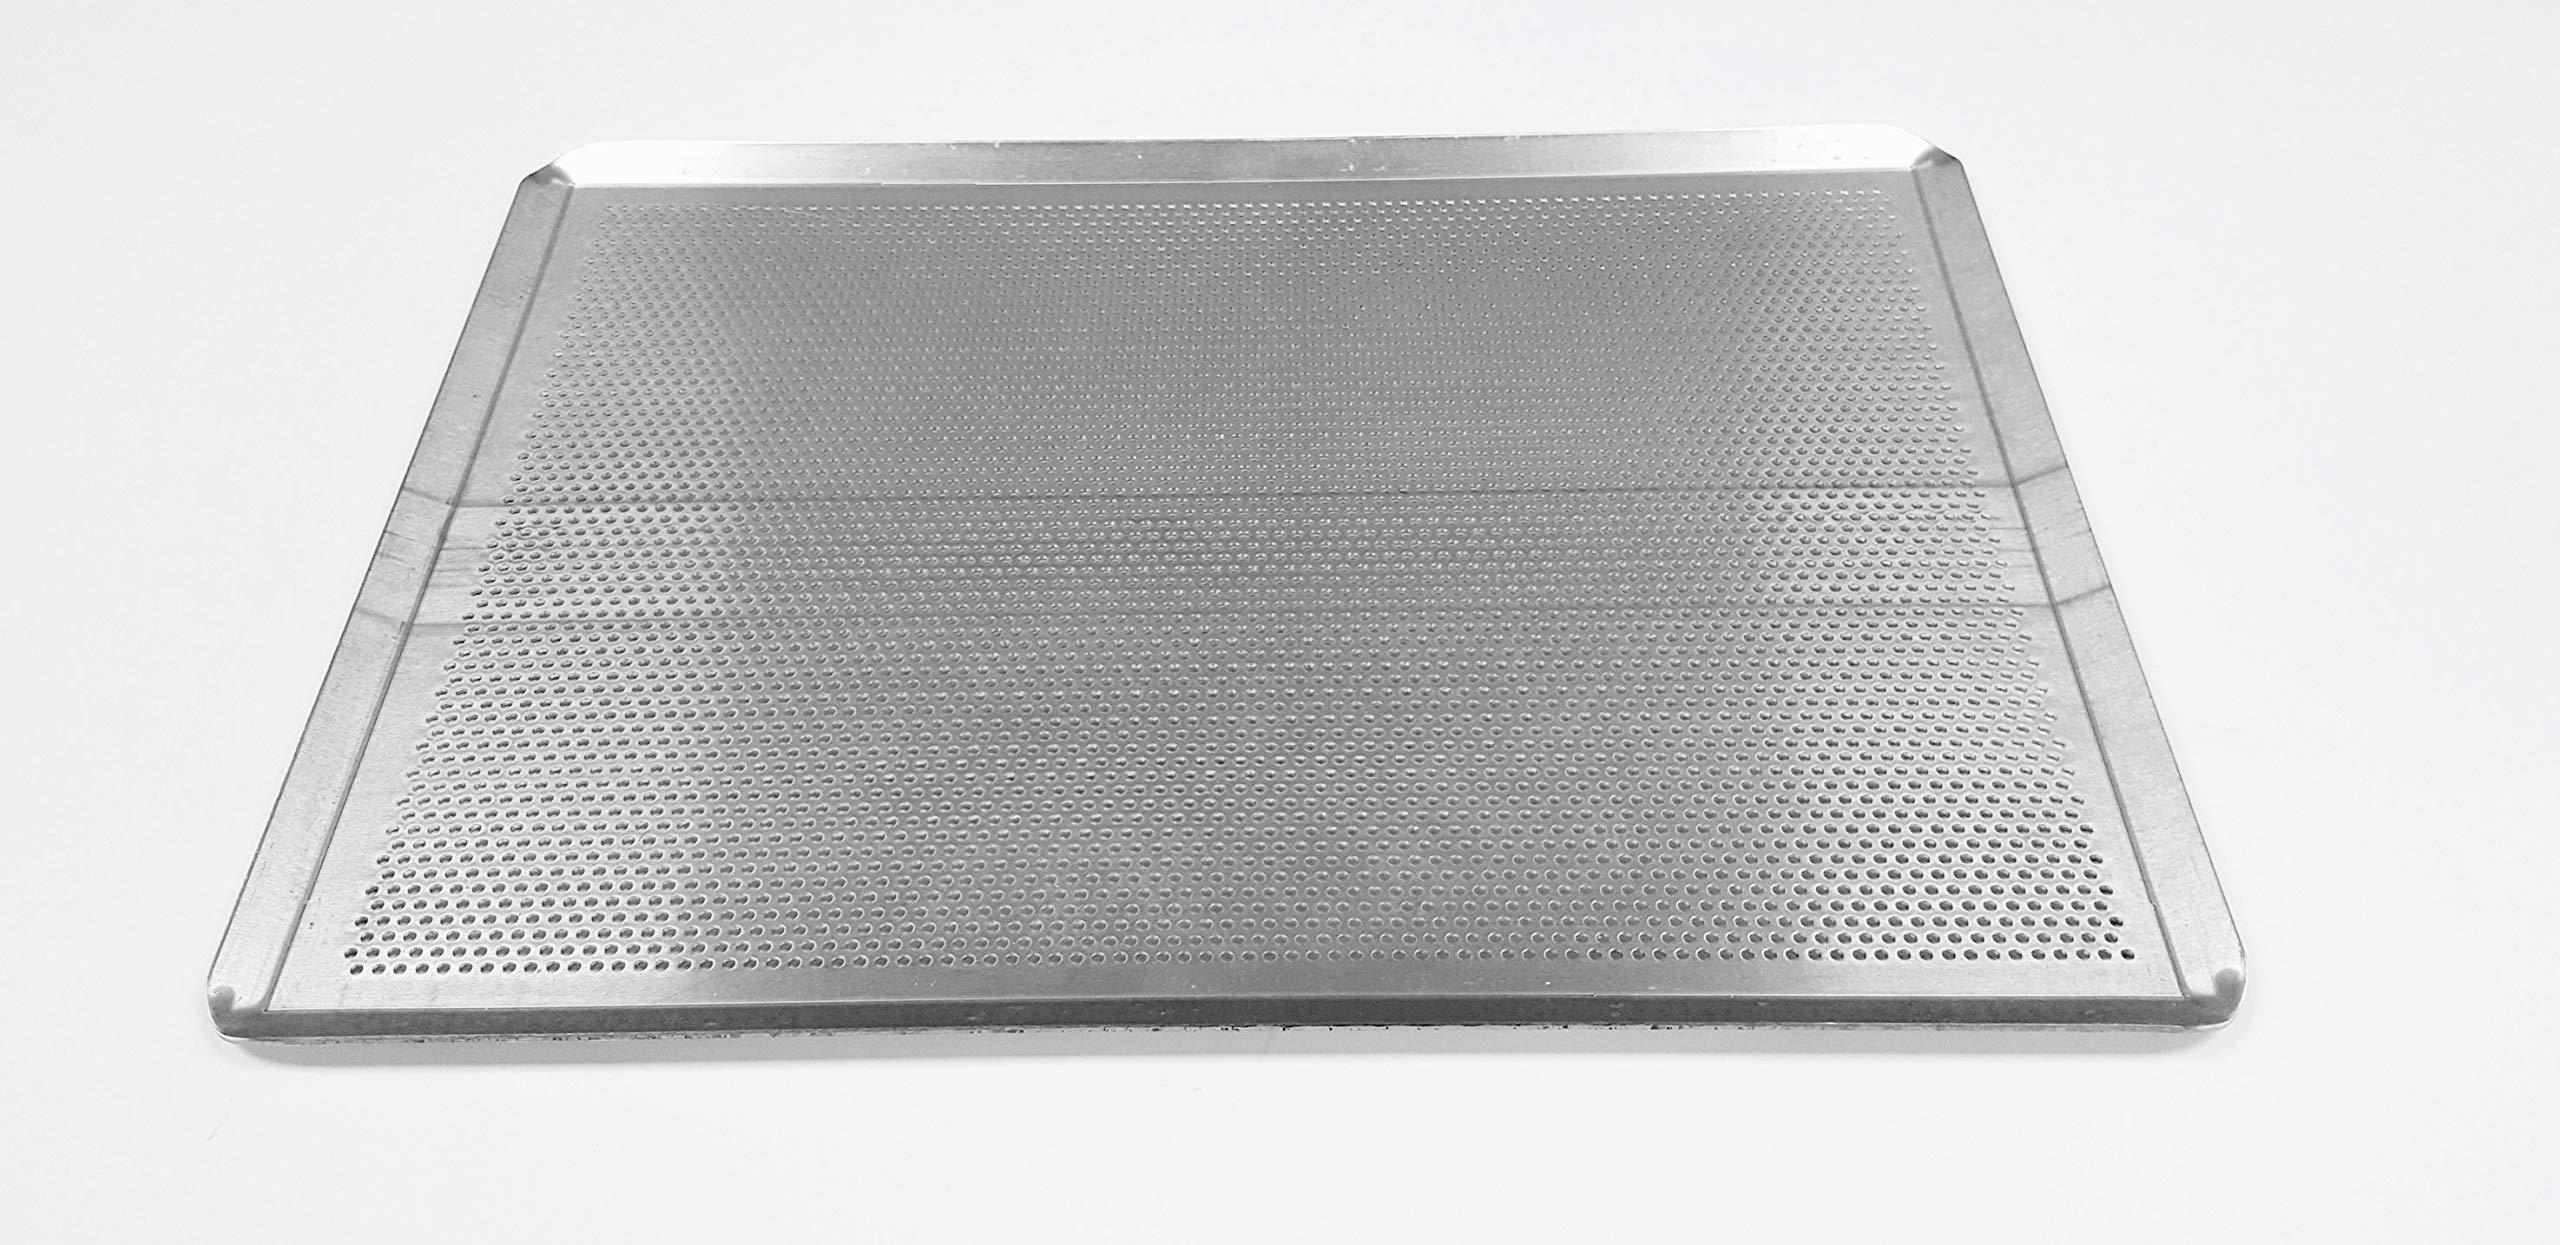 Sasa Demarle HG330460 Aluminum Perforated Sheet Pan, 18'' Length, 13'' Width, 1'' Height by Sasa Demarle (Image #3)